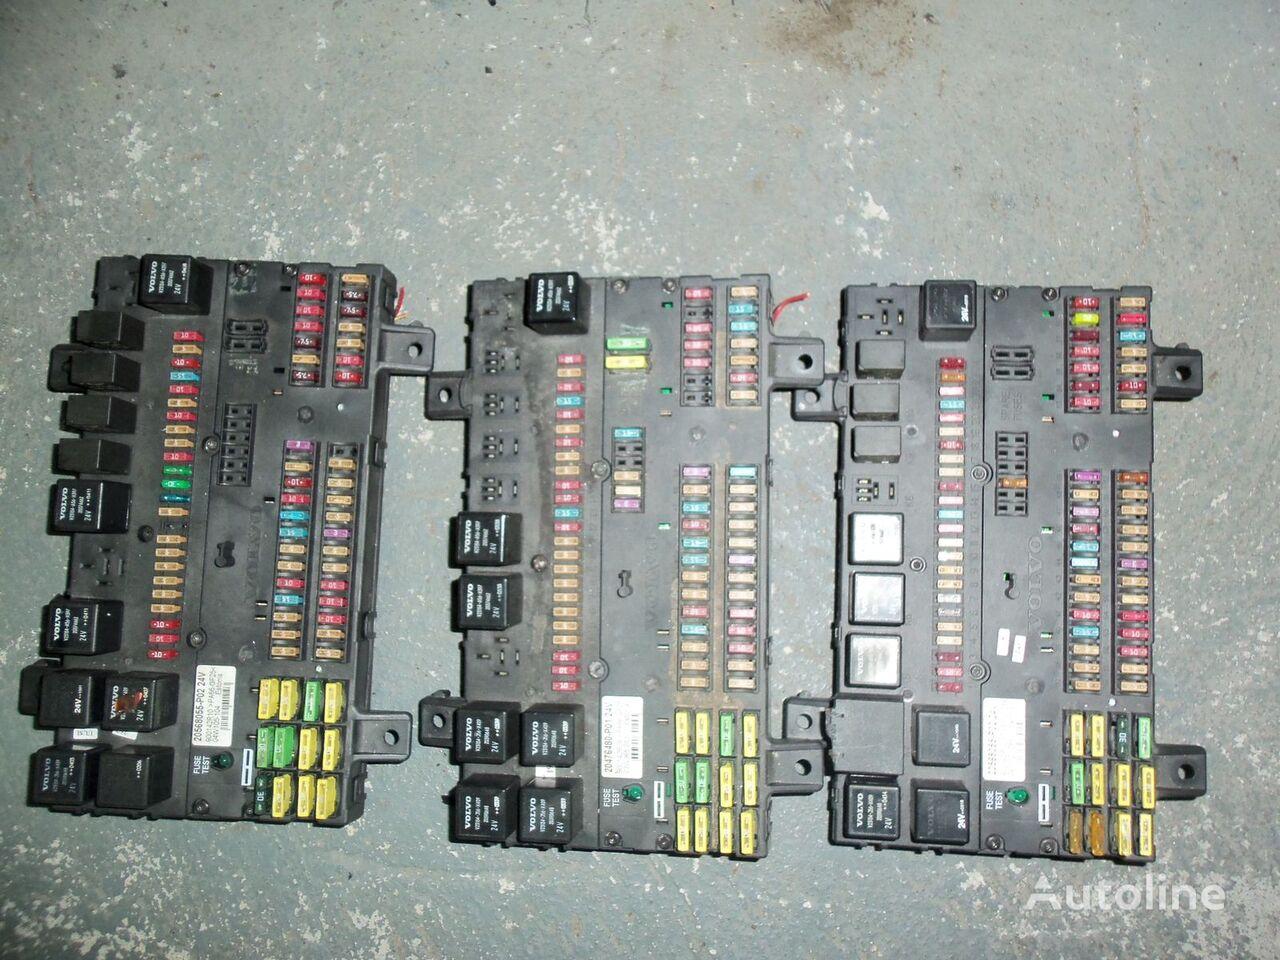 ελκυστήρας VOLVO FH13 για πίνακας προστασίας  VOLVO FH13 fuse and relay center, central electrical box 20568055, 21732199